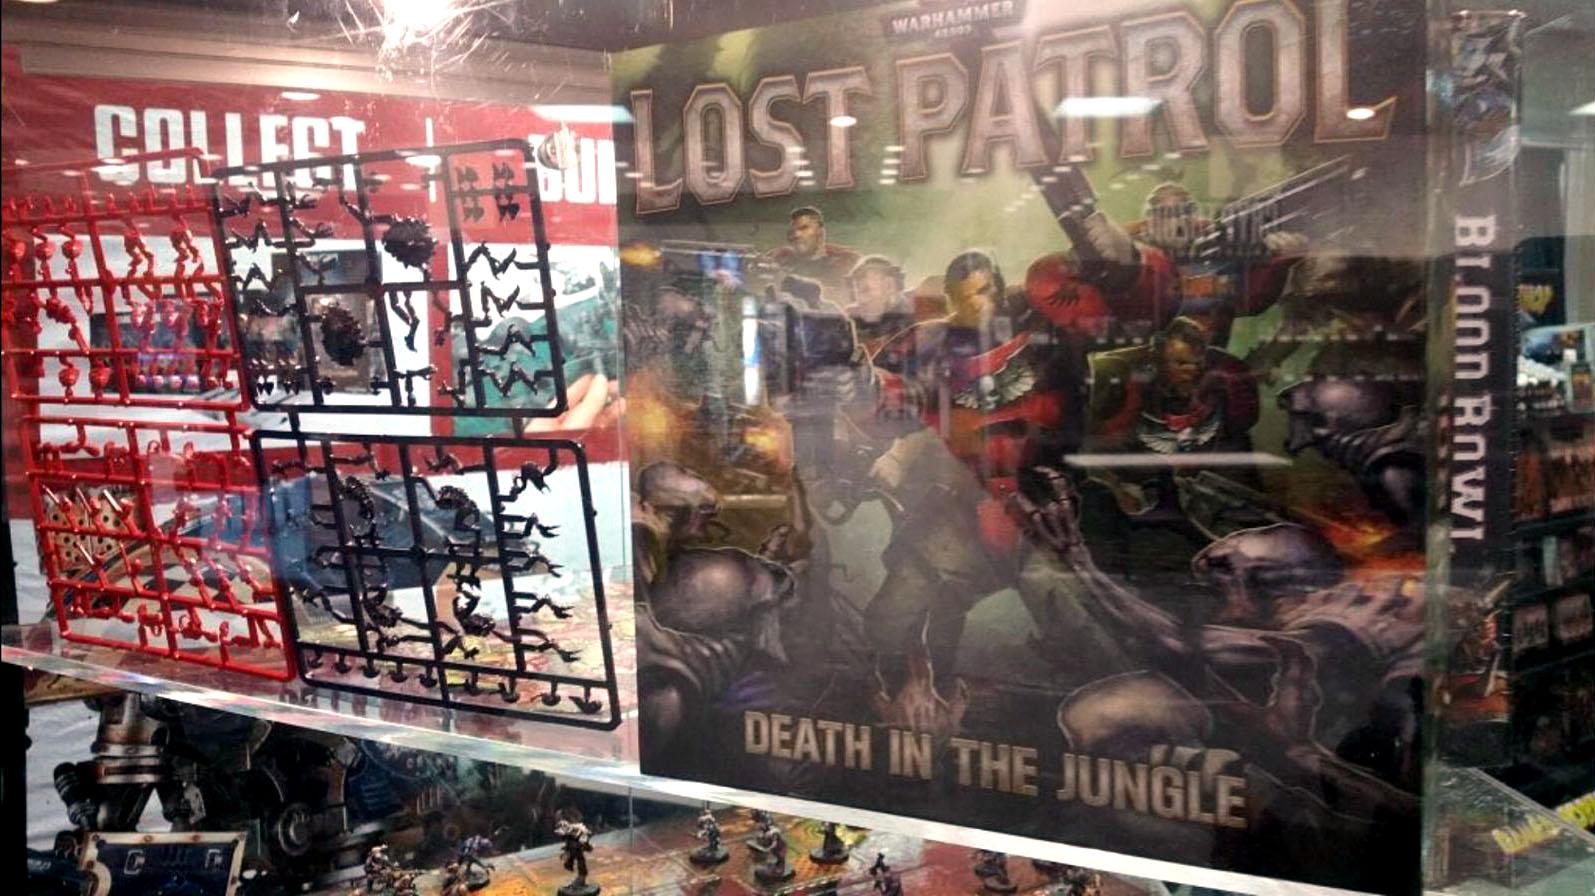 lost-patrol-sprue-1